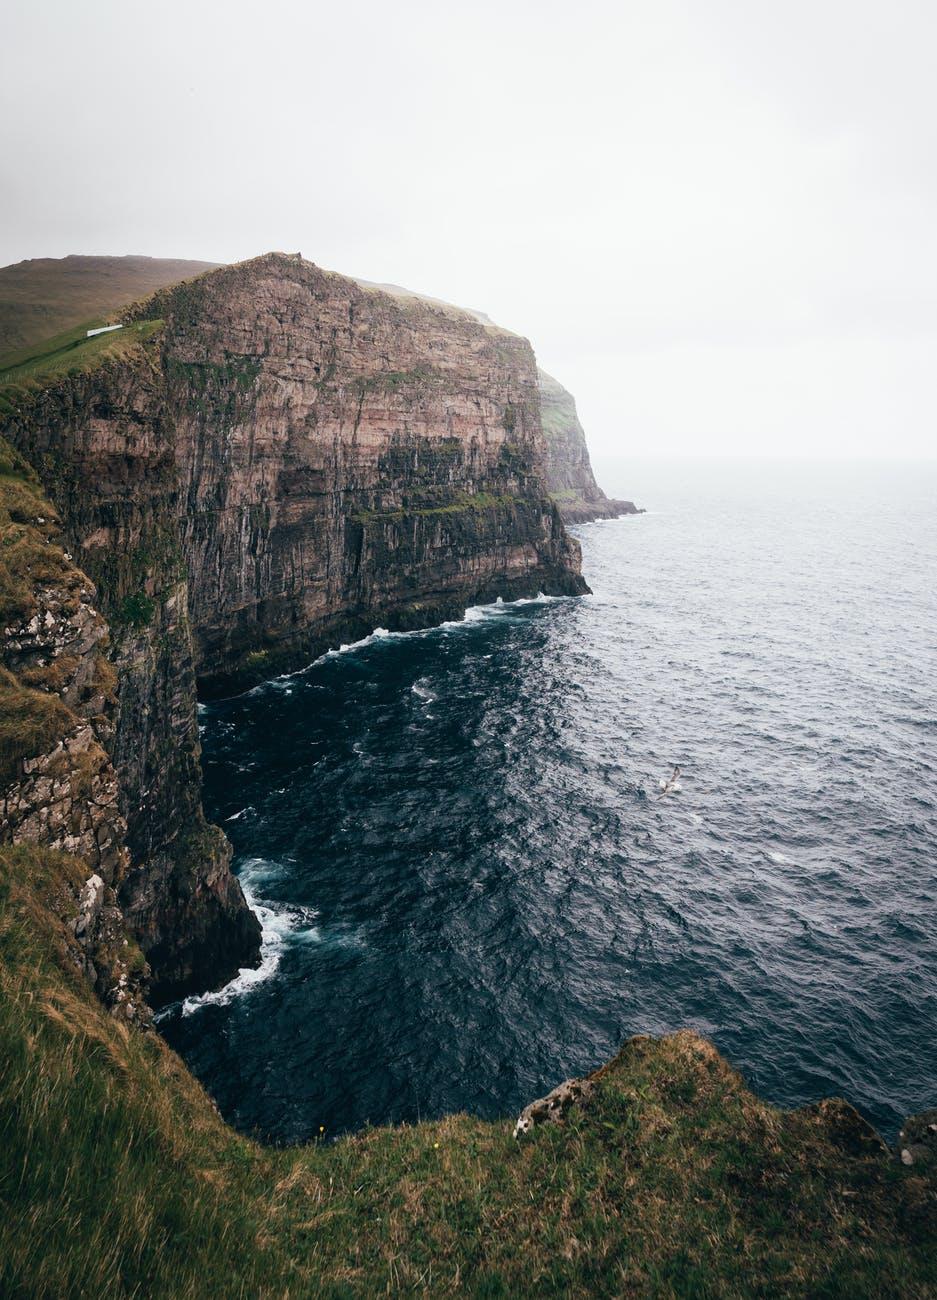 Βουνό ή θάλασσα; Τι είναι καλύτερο για την υγείαμας